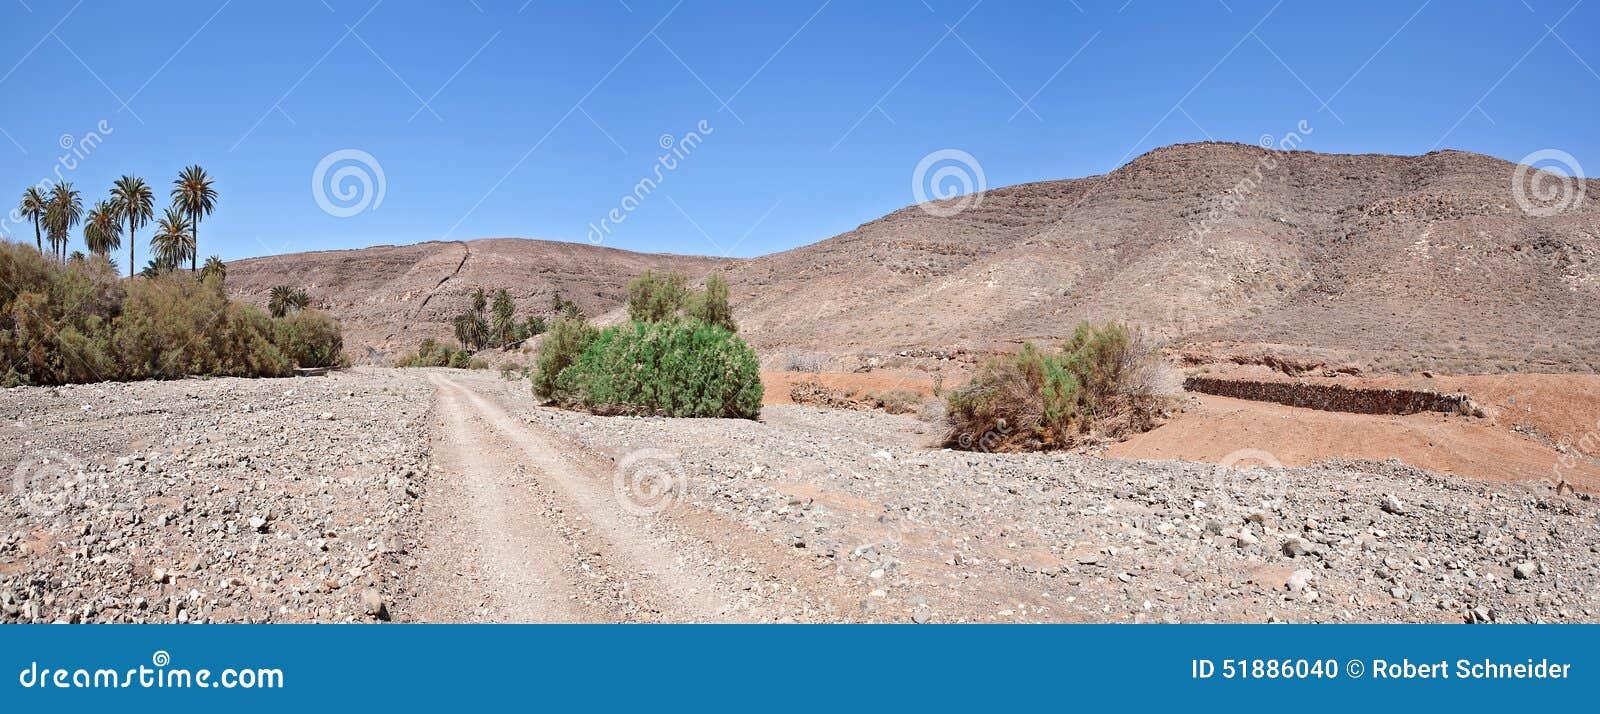 Fuerteventura - Sleep van Buen Paso aan Ajui